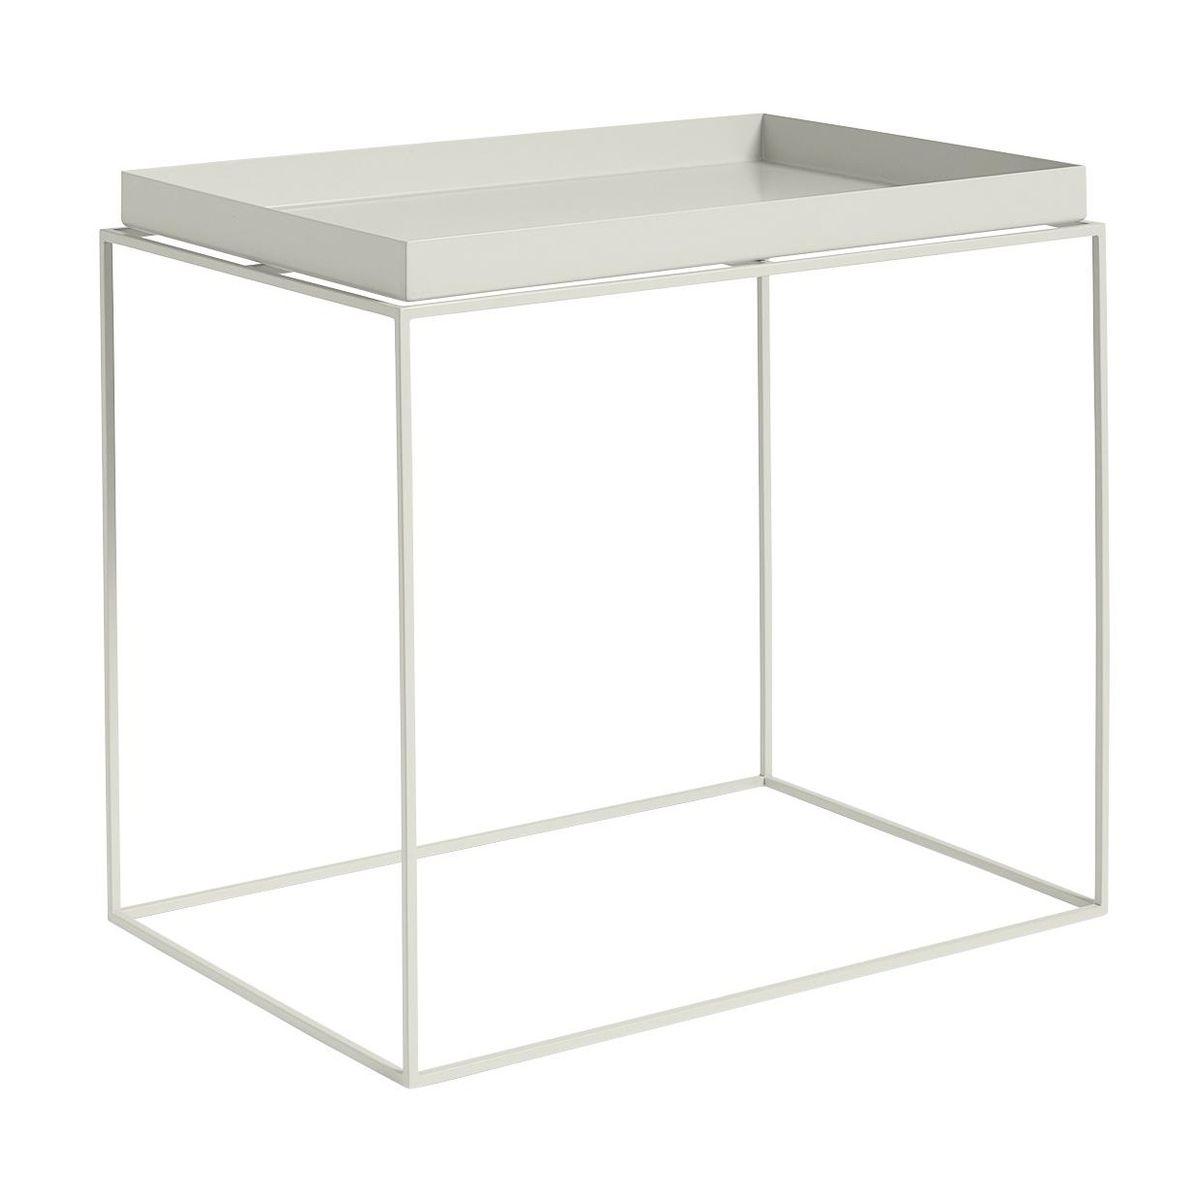 High Quality HAY   Tray Side Table Rectangular   Warm Grey/40x60x54cm